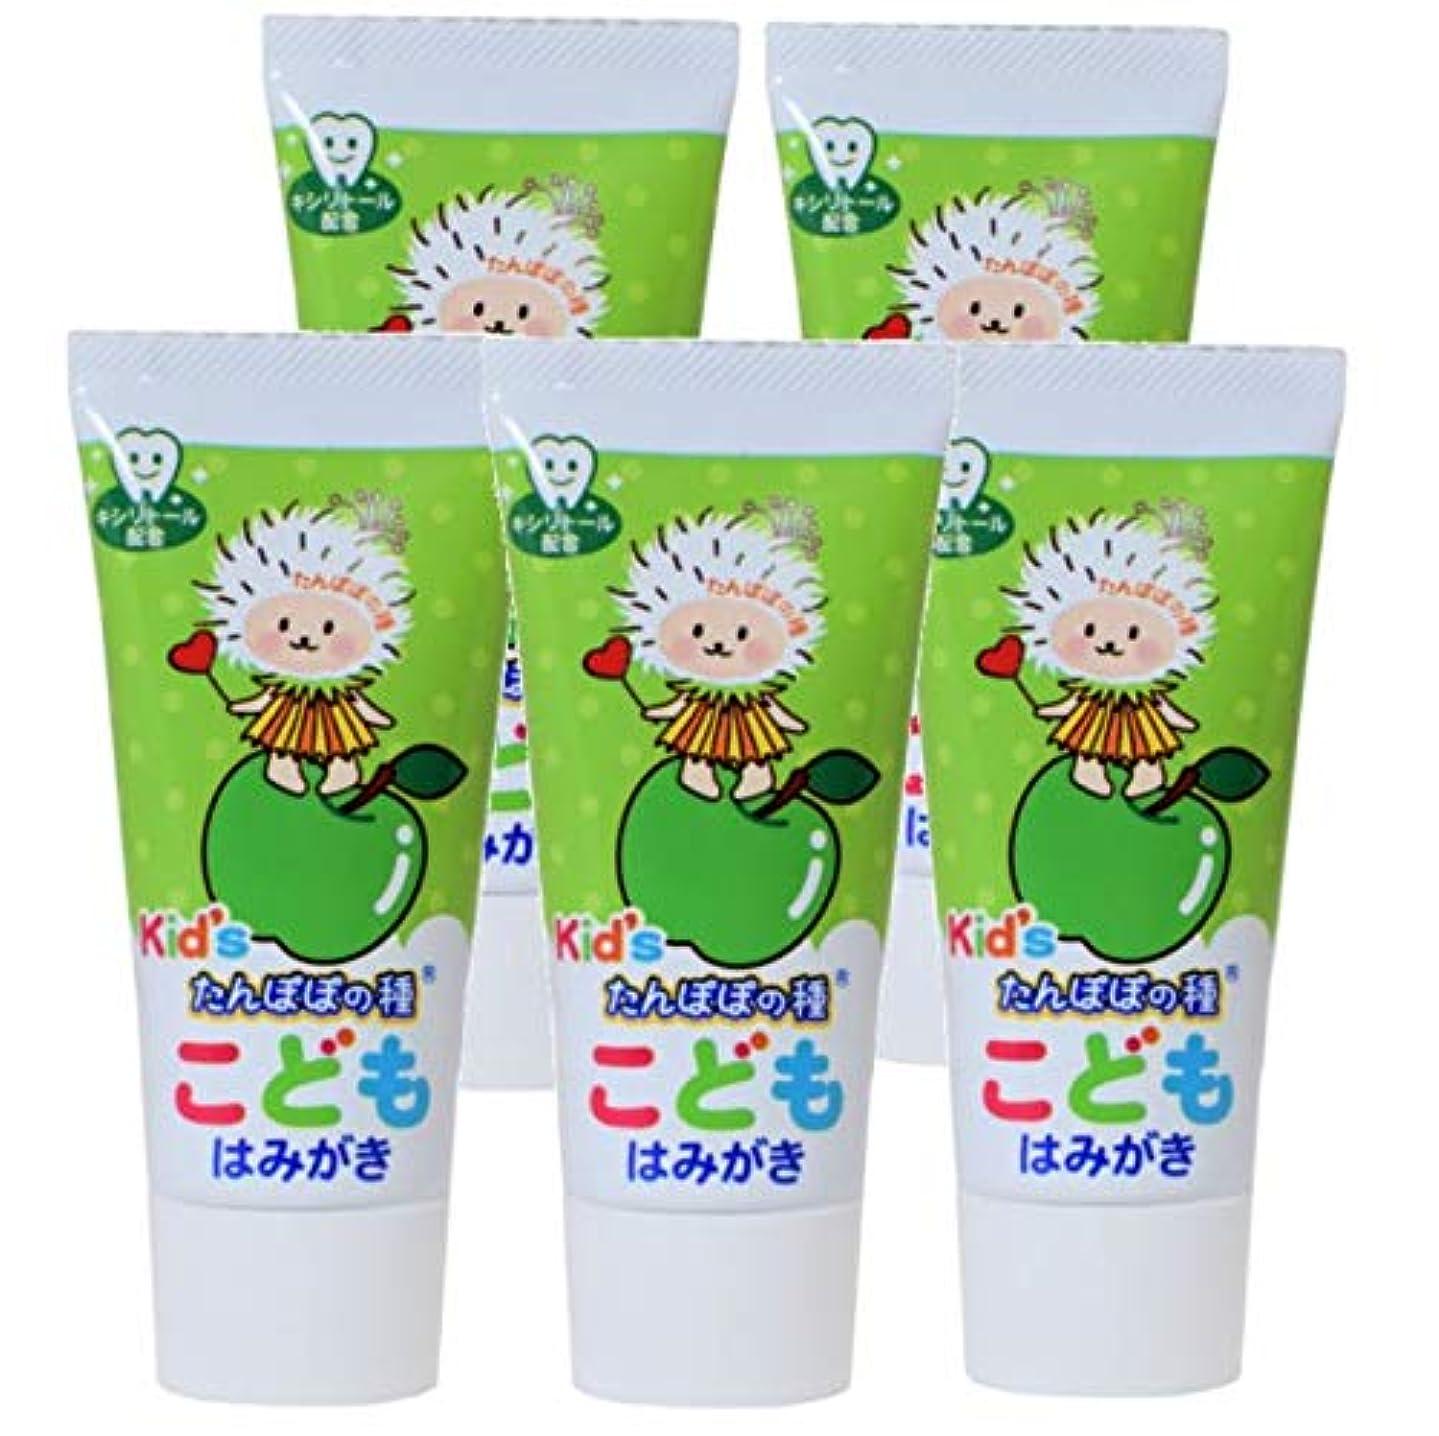 ギャラリー恩恵する必要があるたんぽぽの種 こどもはみがき 子供用歯磨き粉 こども用歯磨き粉 子供用ハミガキ (5本)